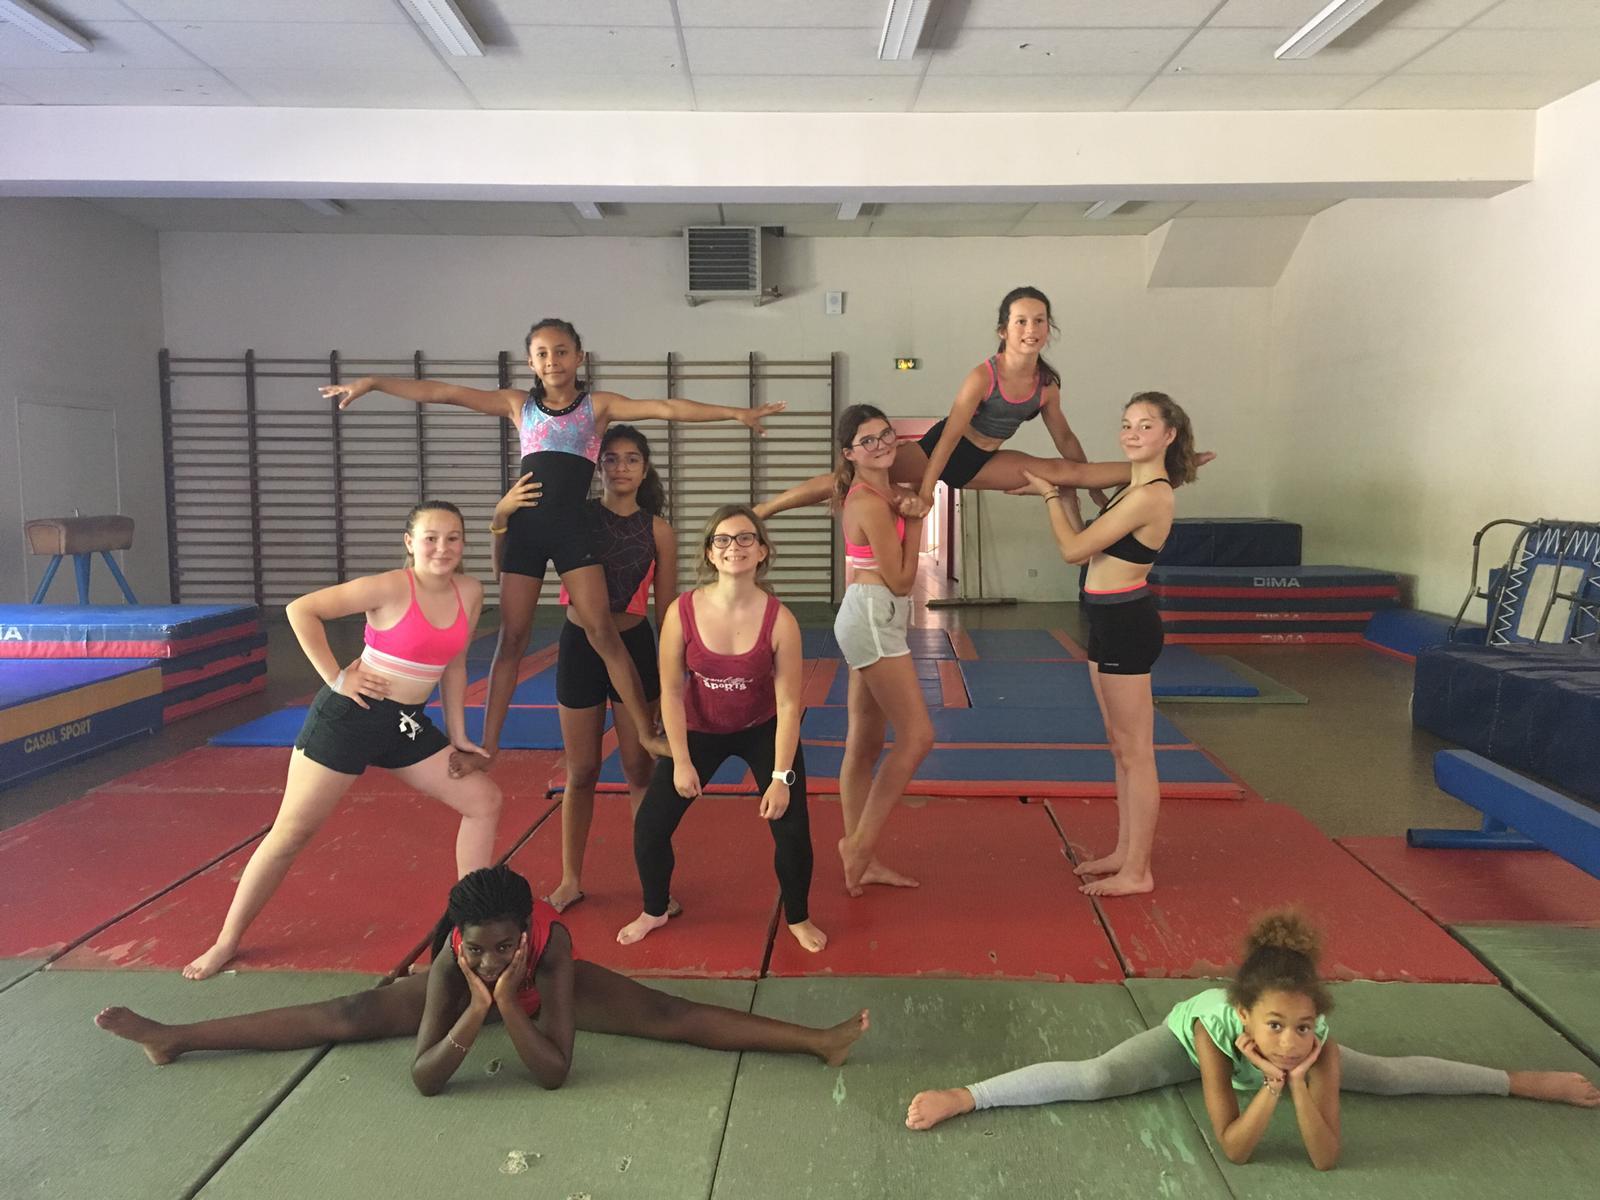 groupe d'enfant en colonie de vacances pratiquant la gymnastique